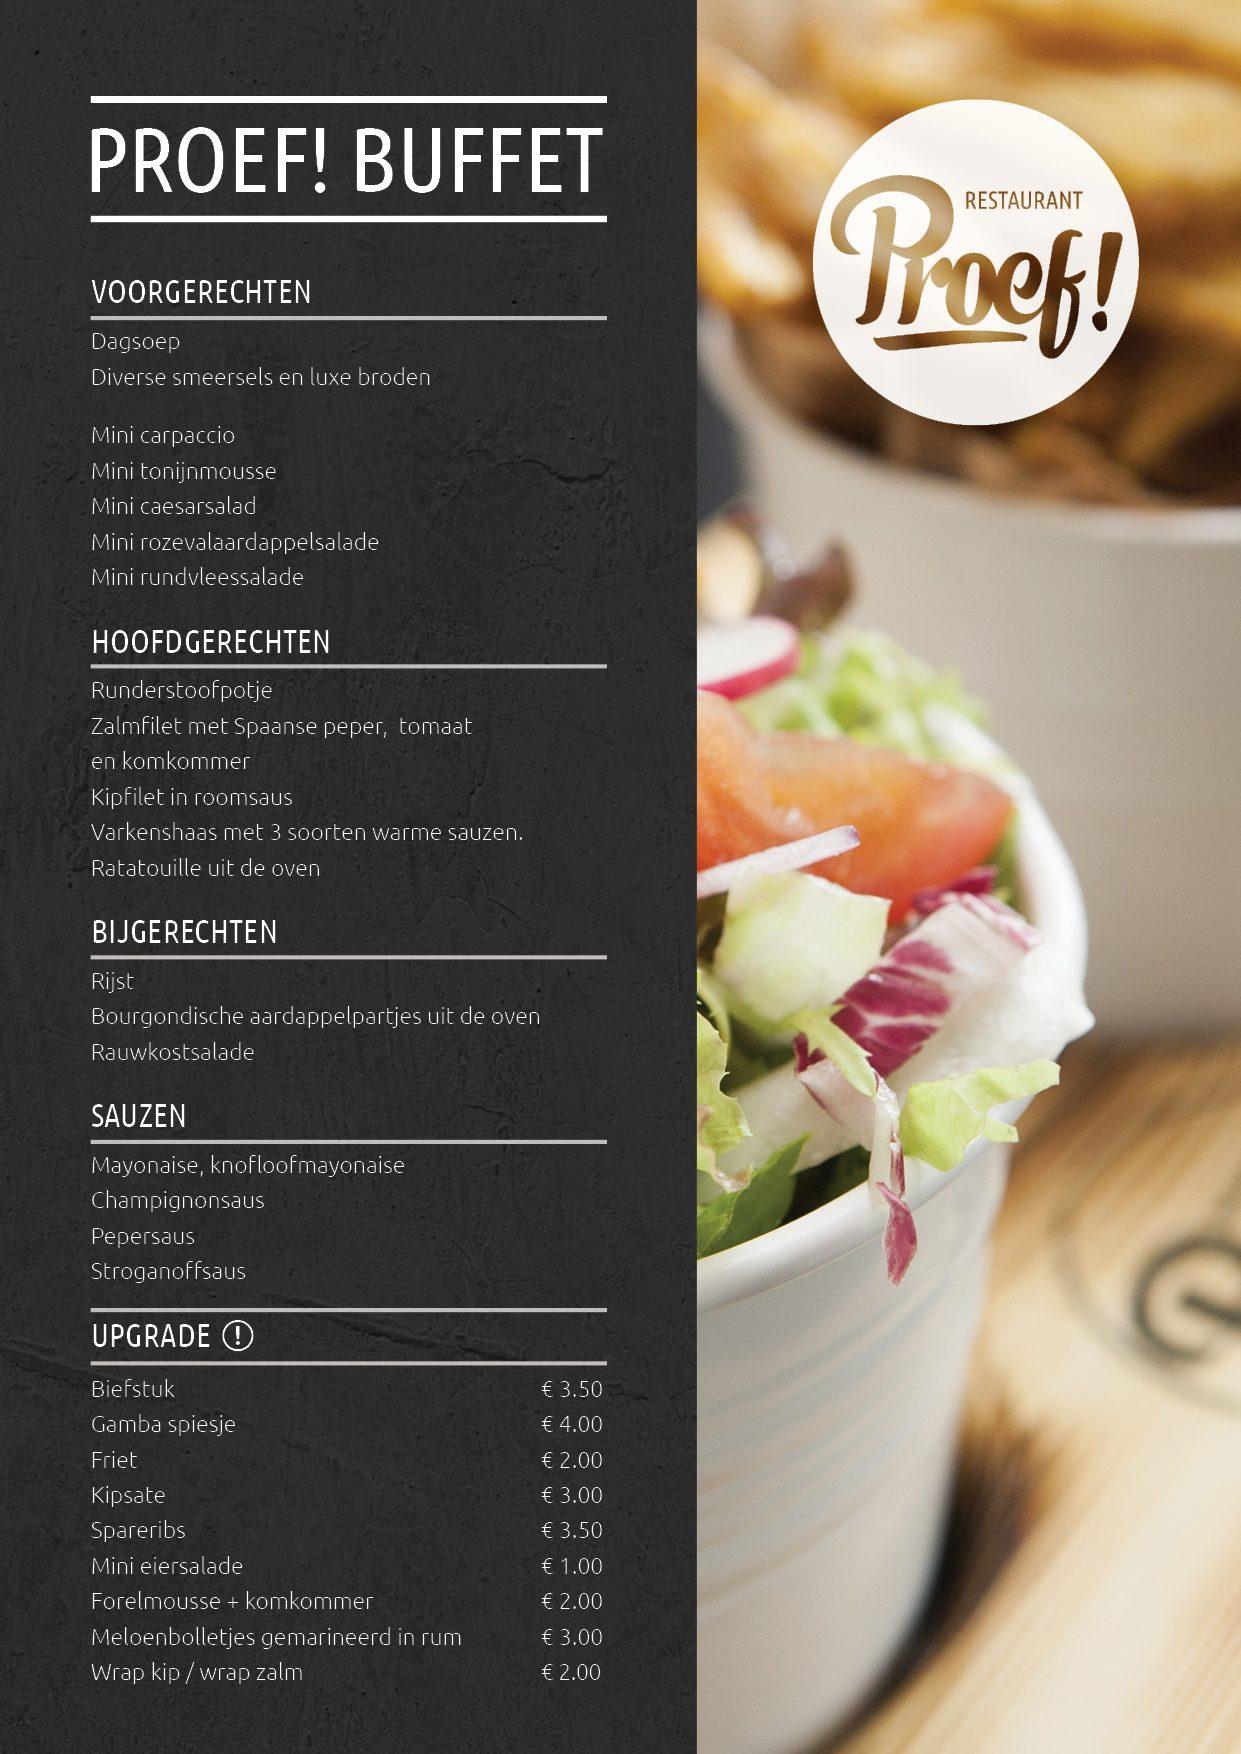 Buffet in Voorthuizen, köstliche Vielfalt und hervorragende Speisen!